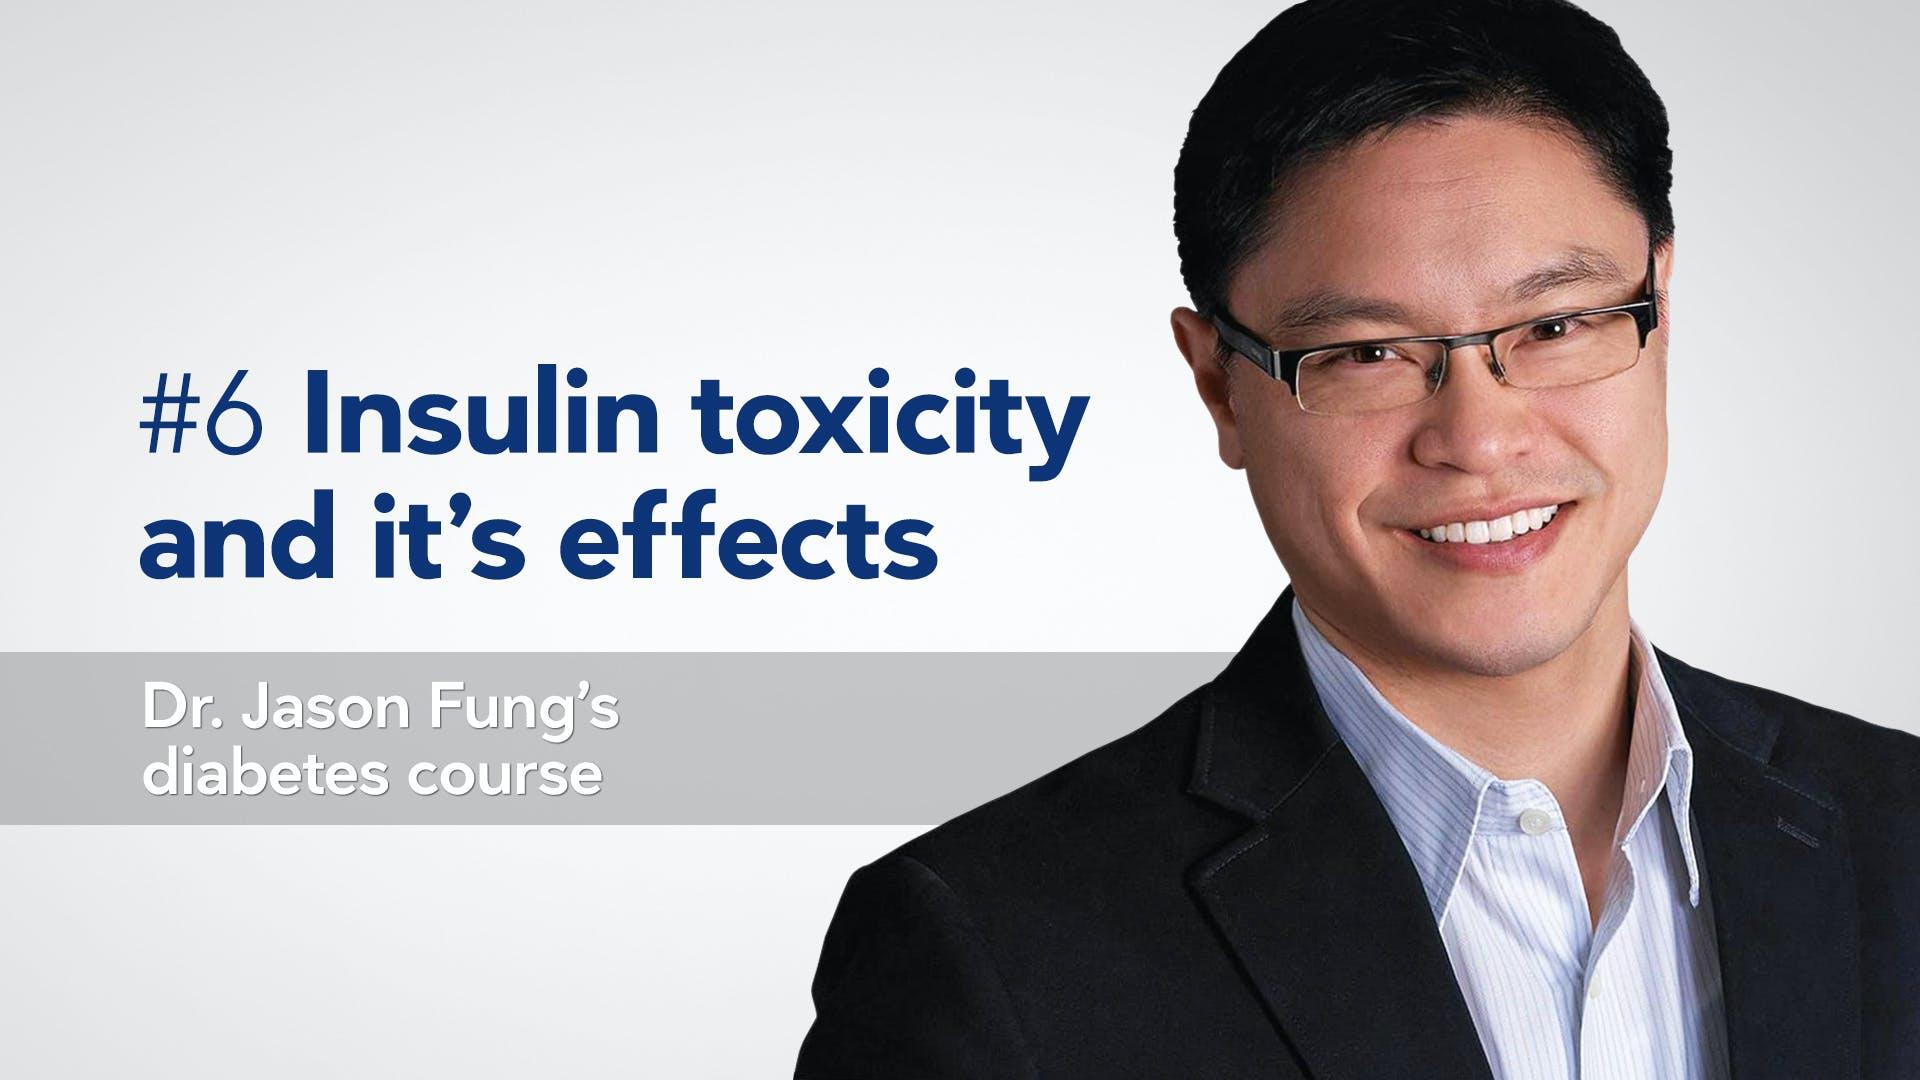 Insulin toxicity — Dr. Jason Fung's diabetes course